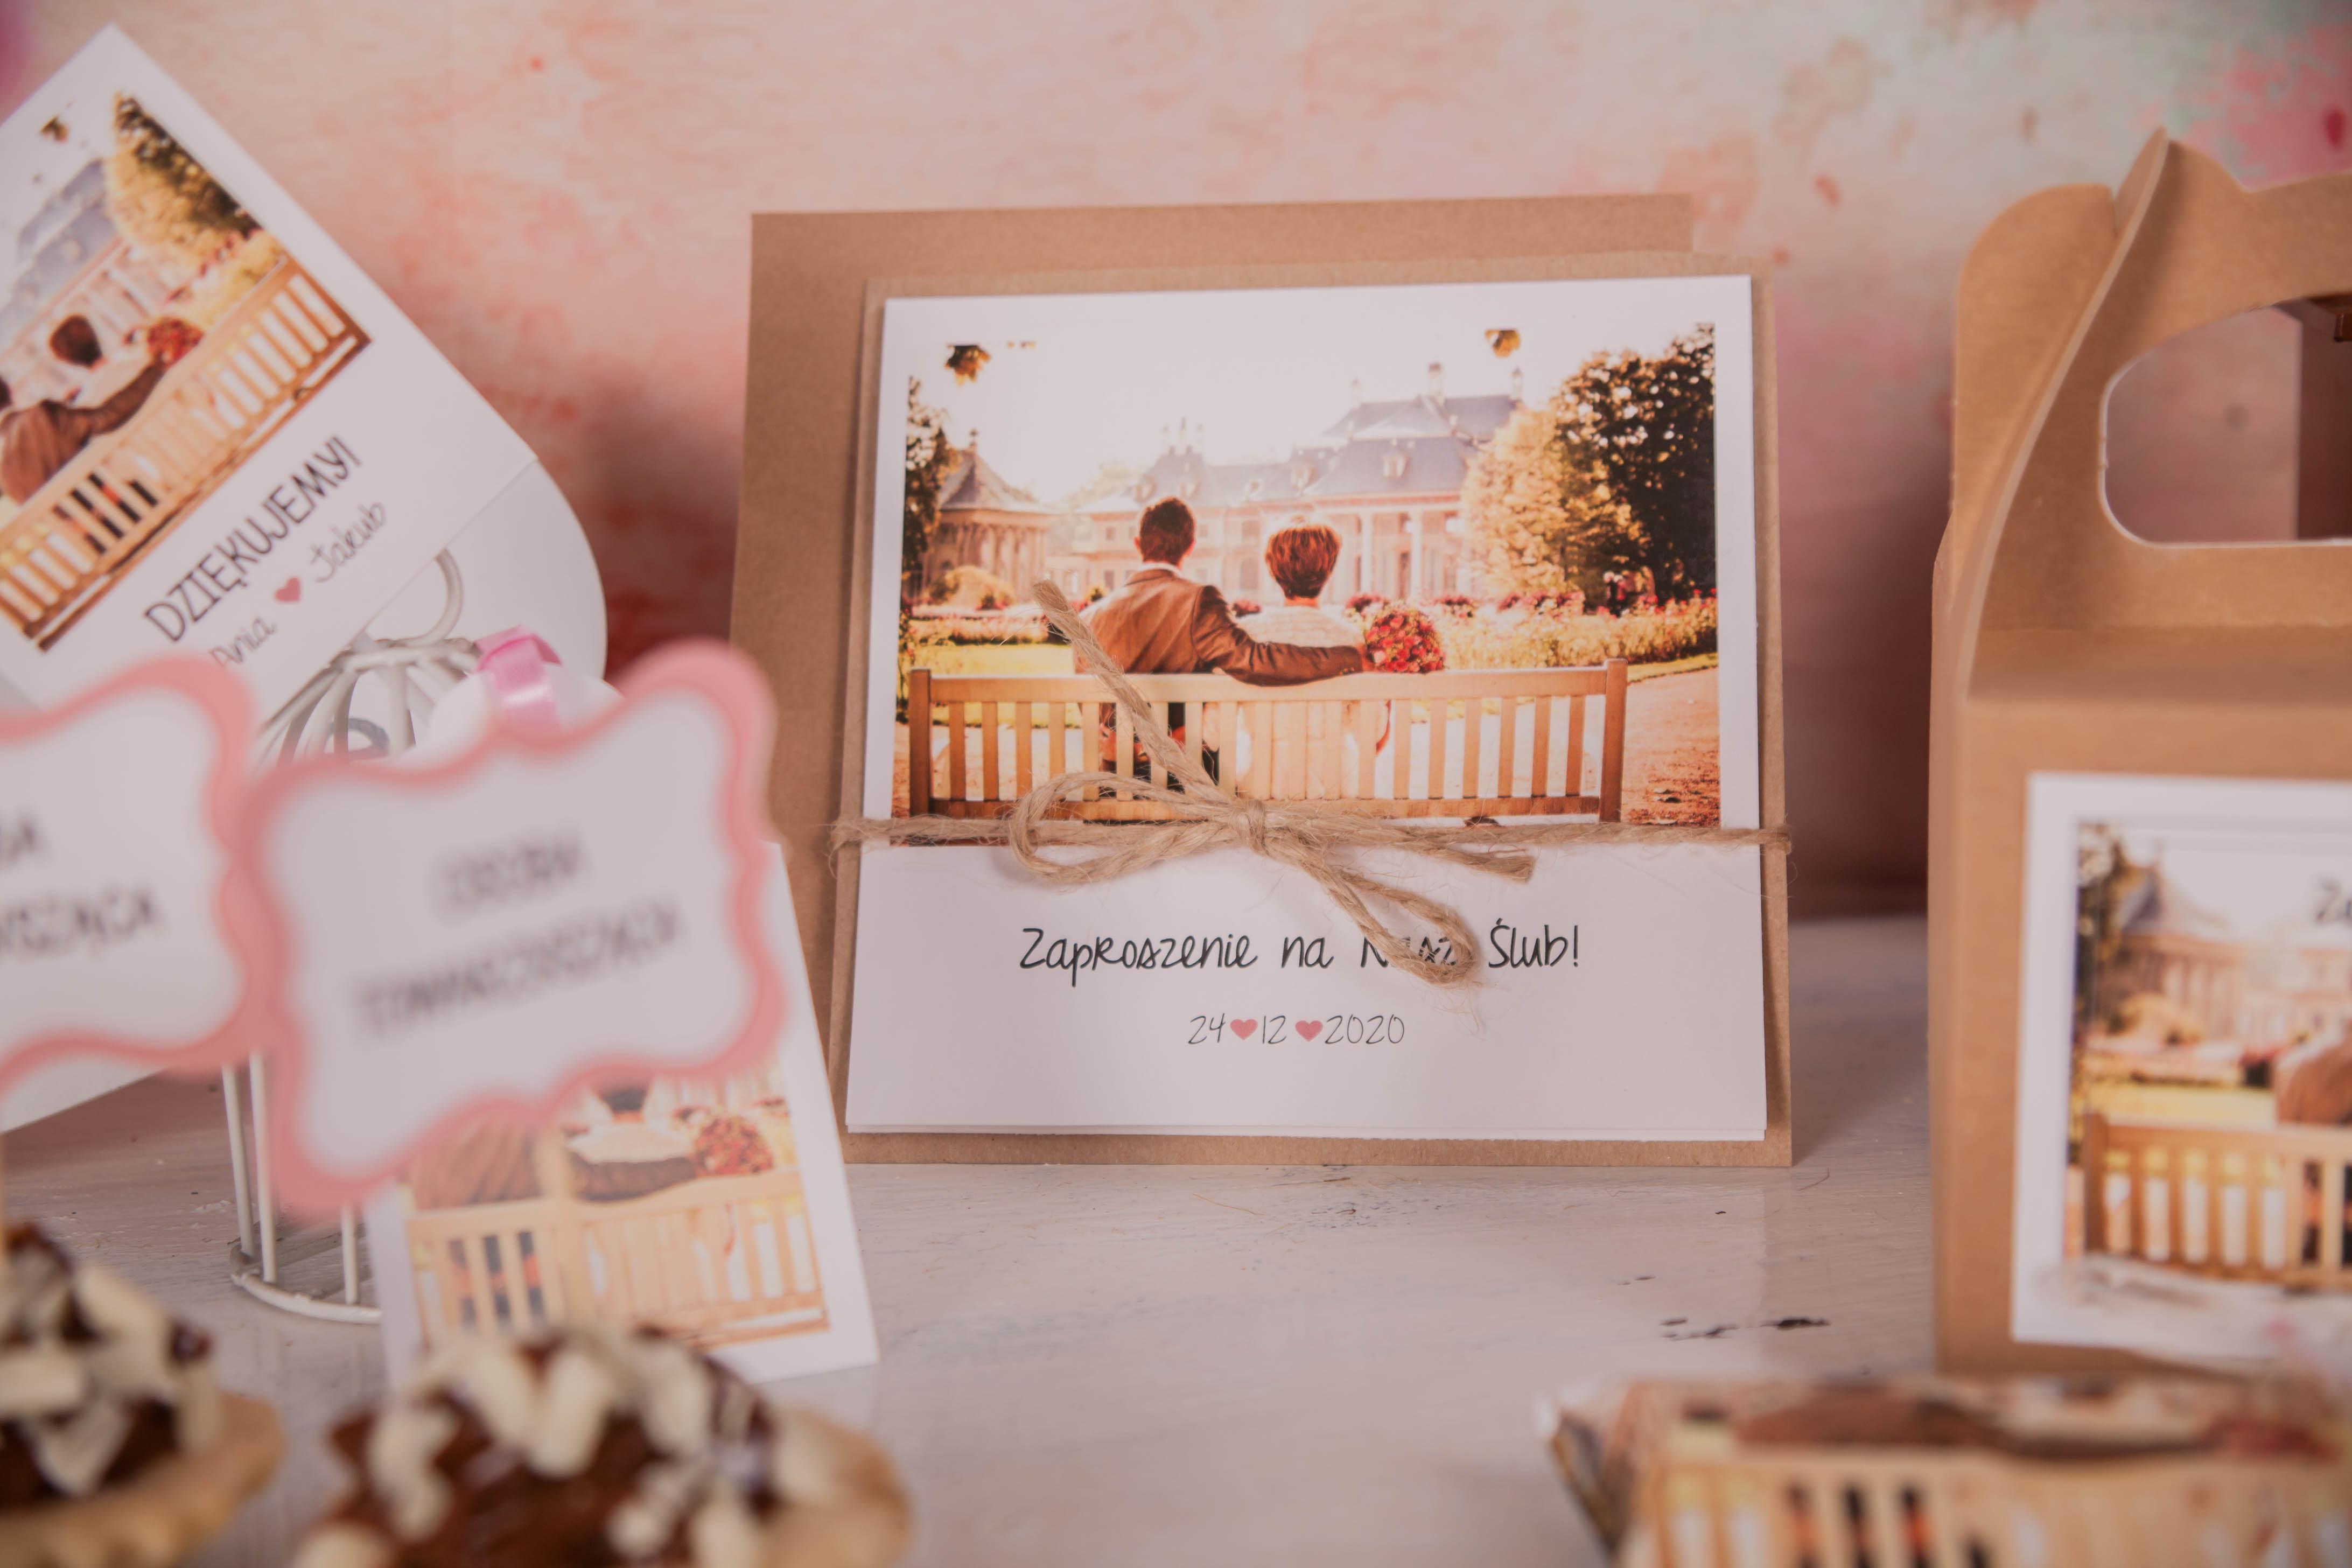 Rustykalne Zaproszenia ślubne Ze Zdjęciem Pary Młodej